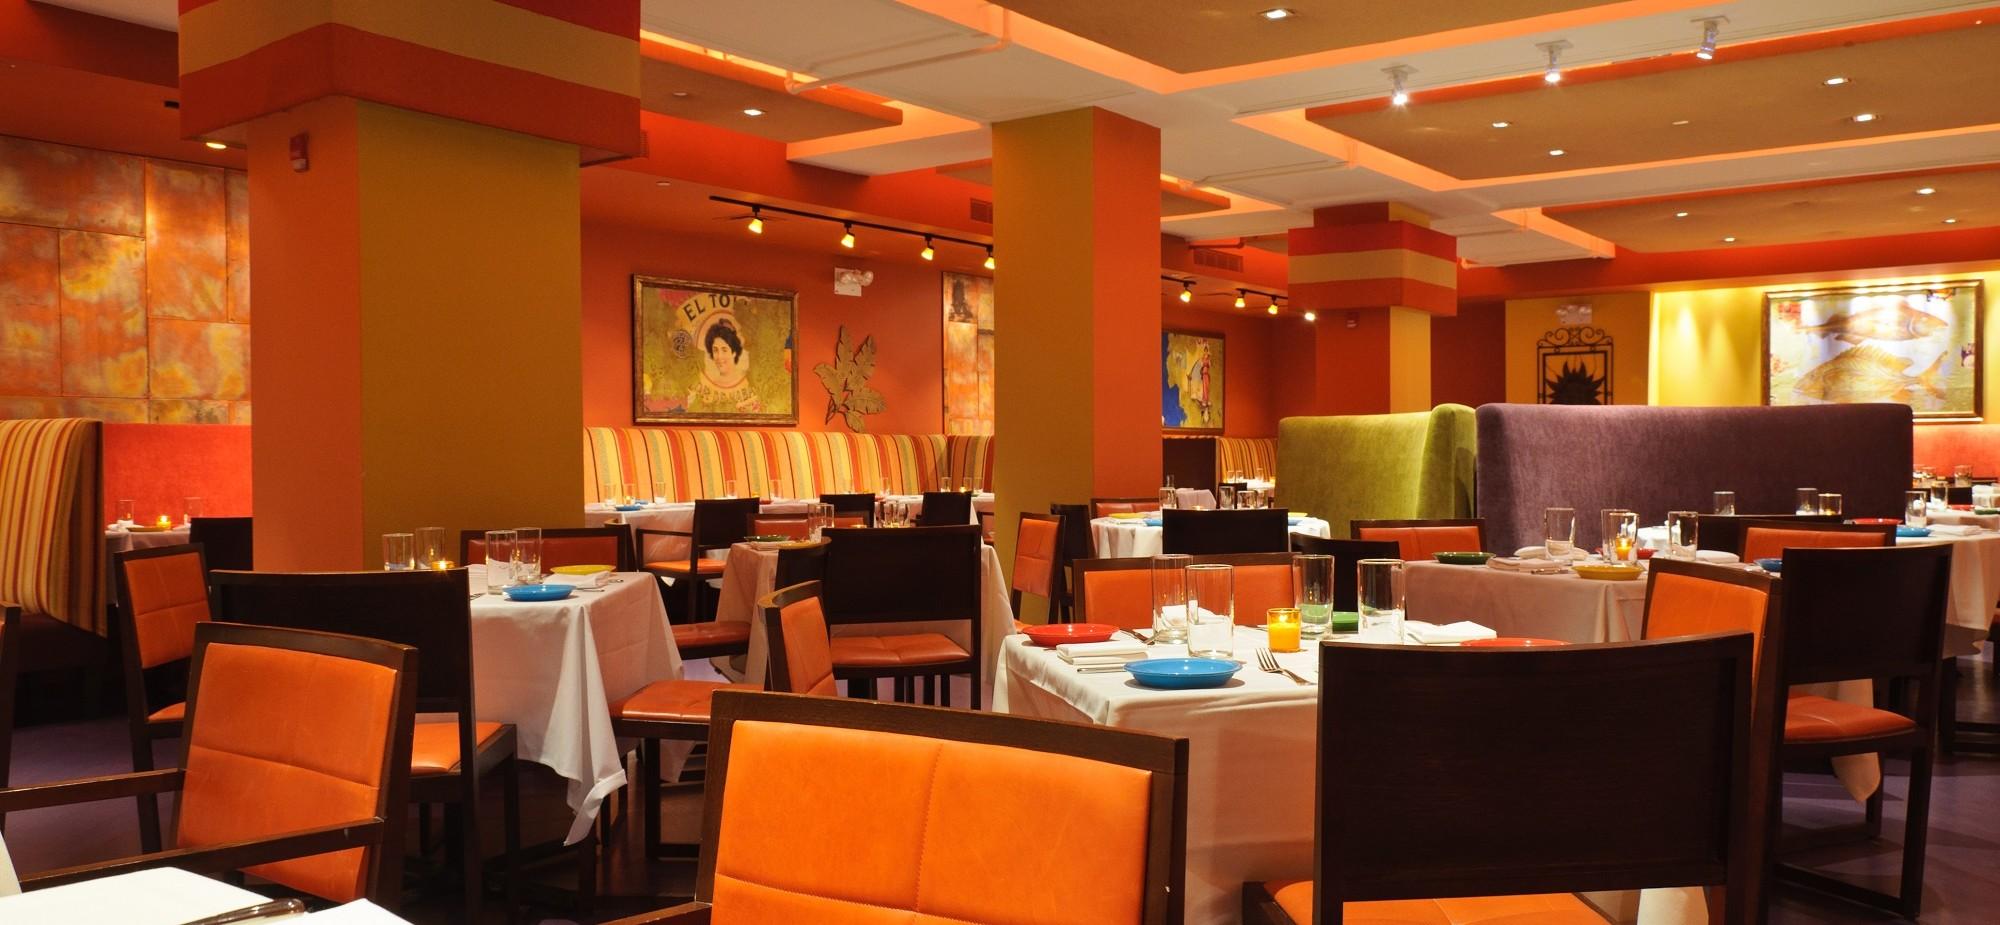 Cafe Gratitude New York